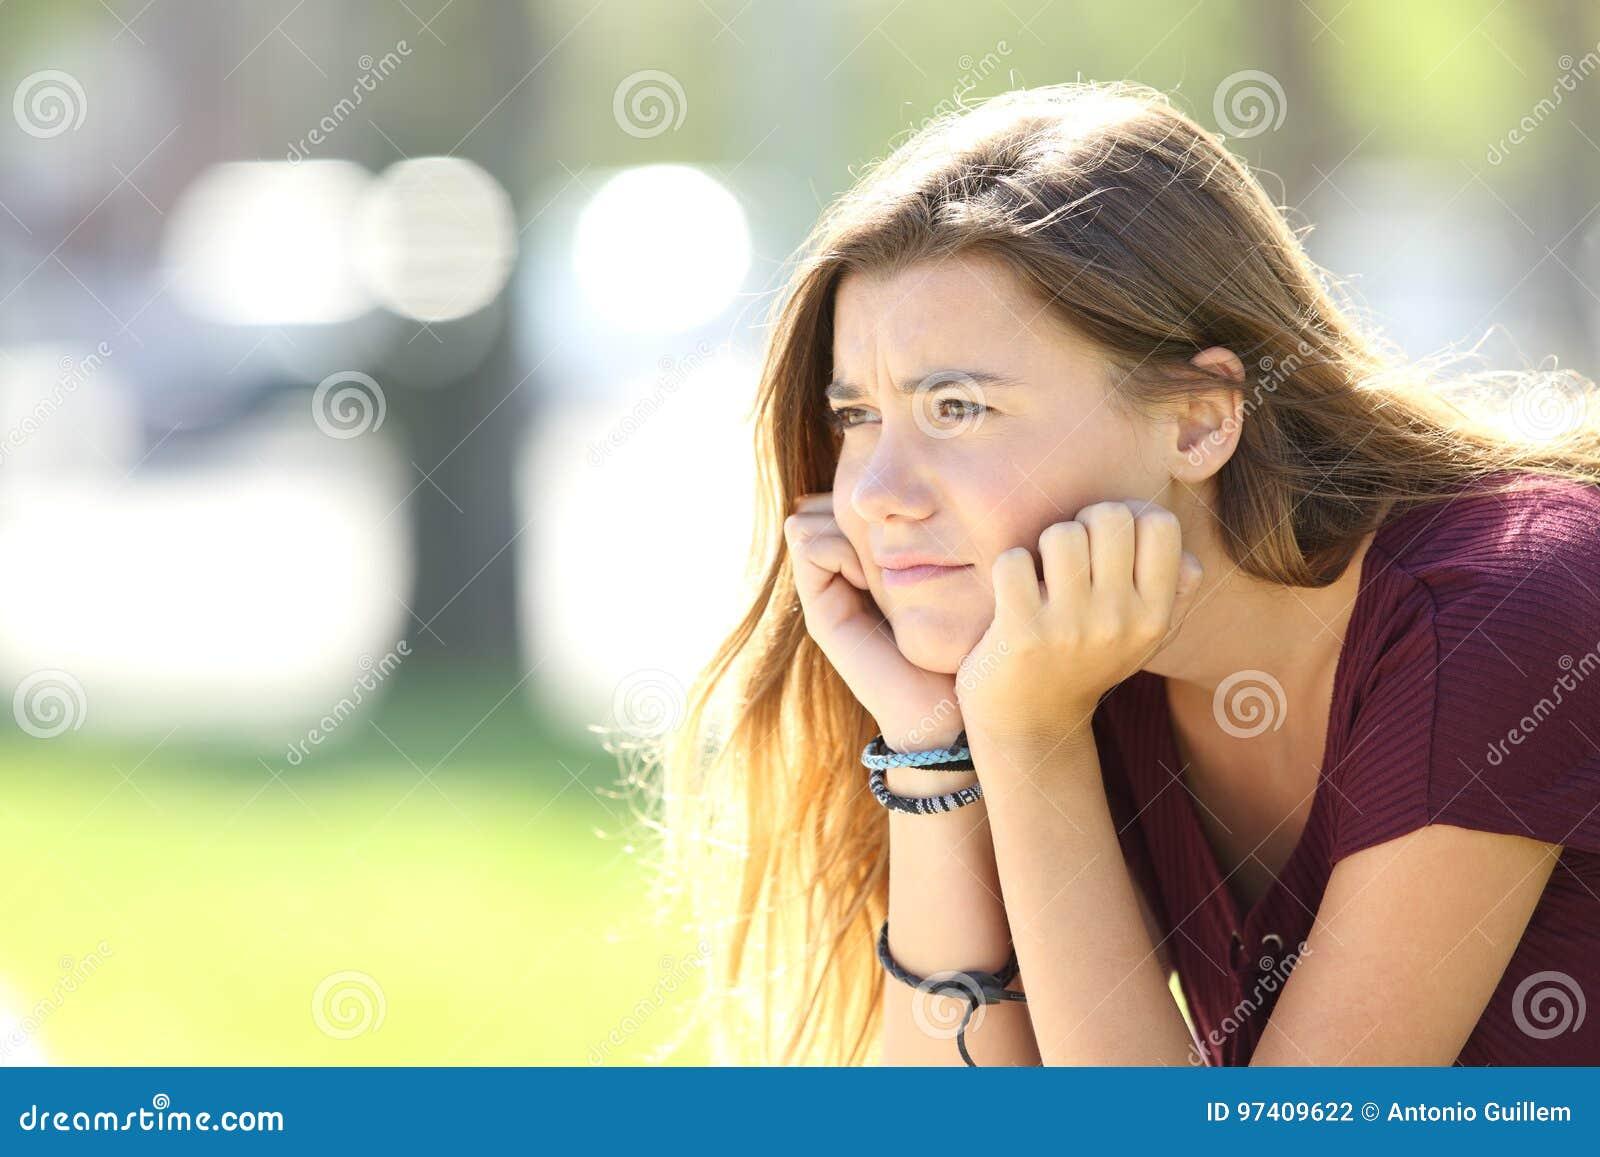 Mirada adolescente enojada lejos en la calle